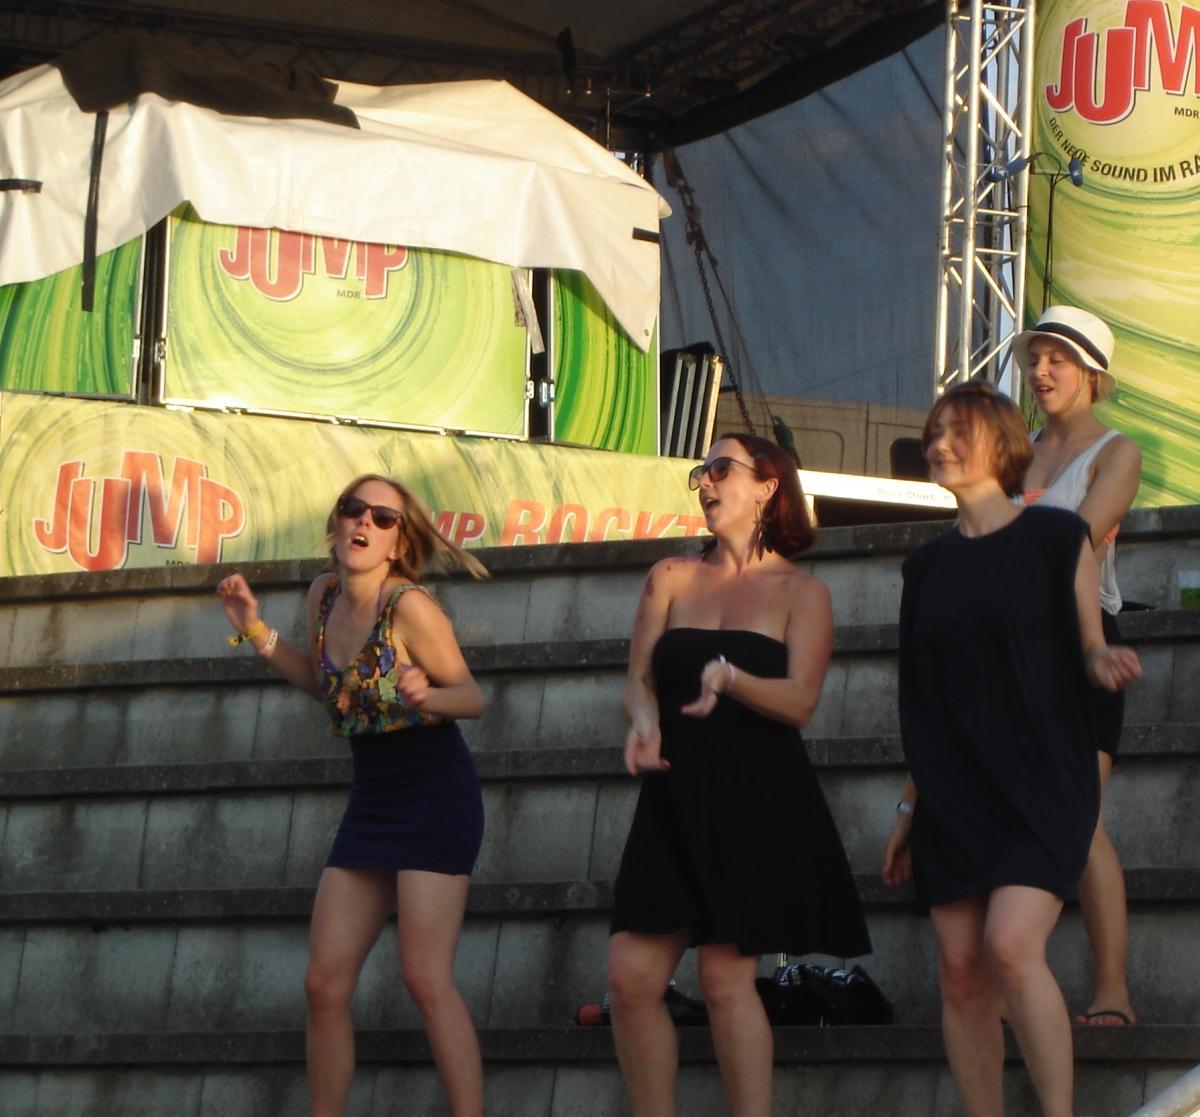 Die Sache mit dem Jump haben diese jungen Damen wohl nicht so ganz verstanden.